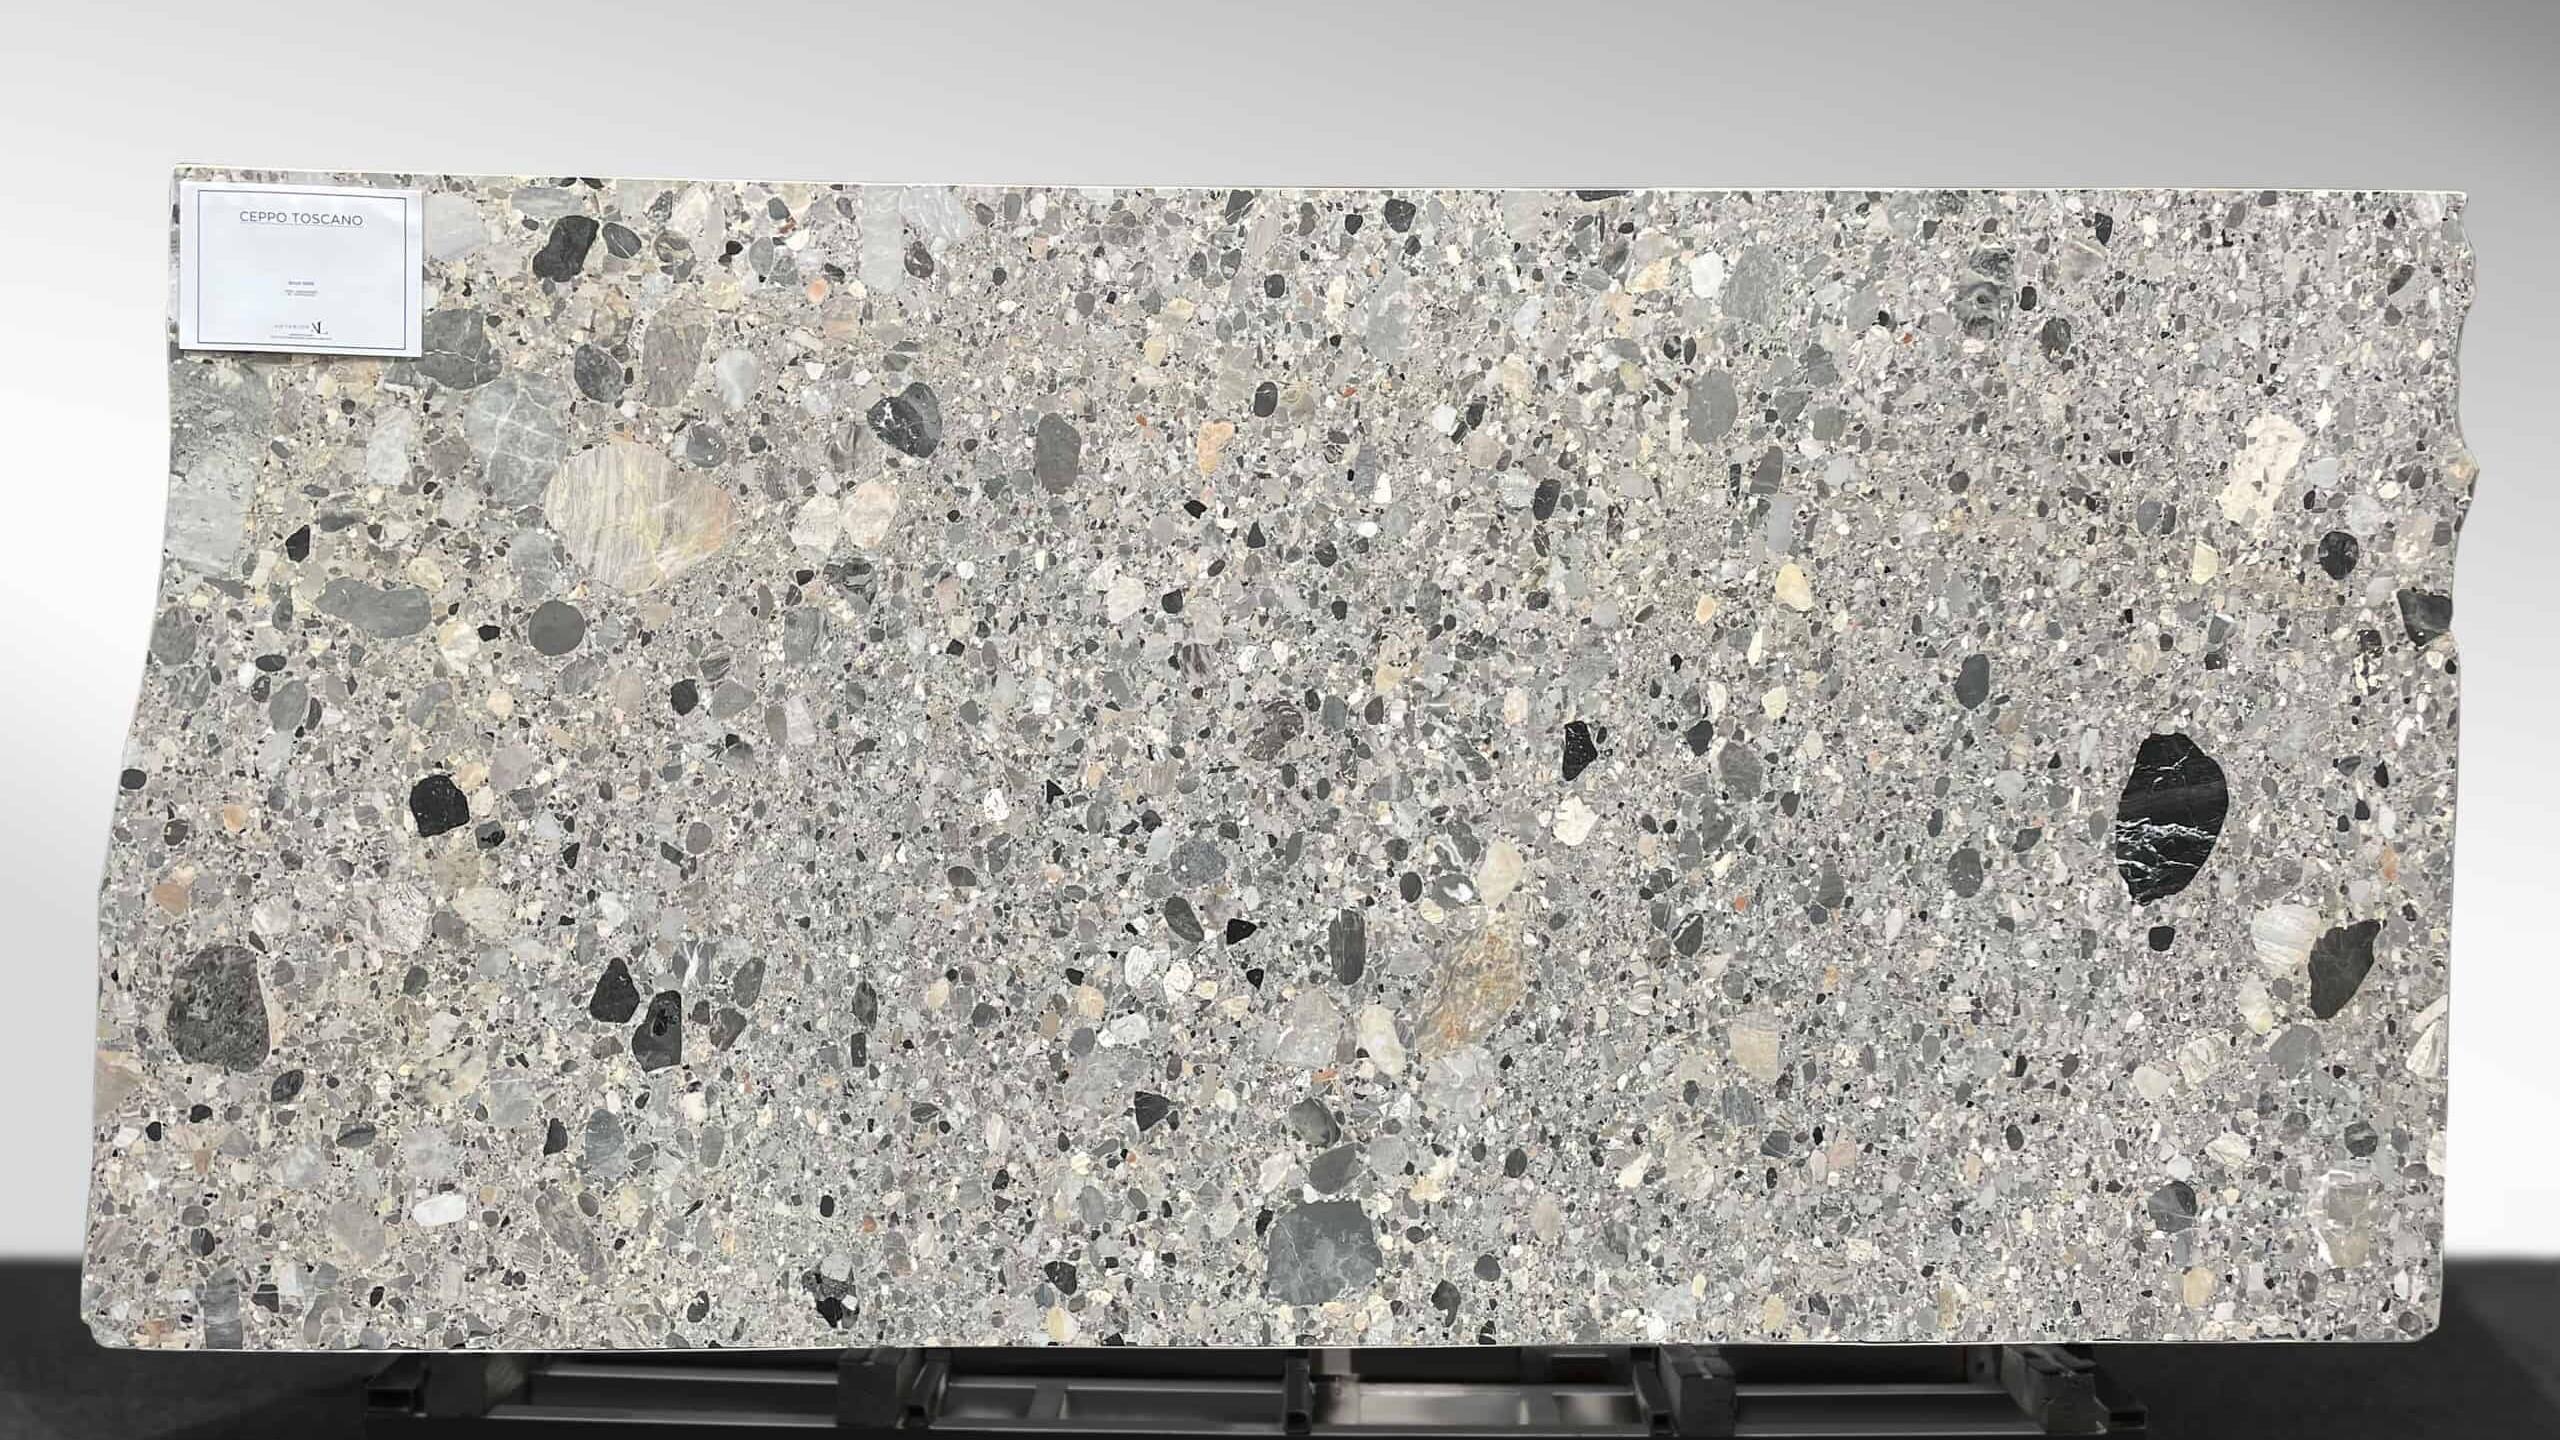 Ceppo Natural Stone